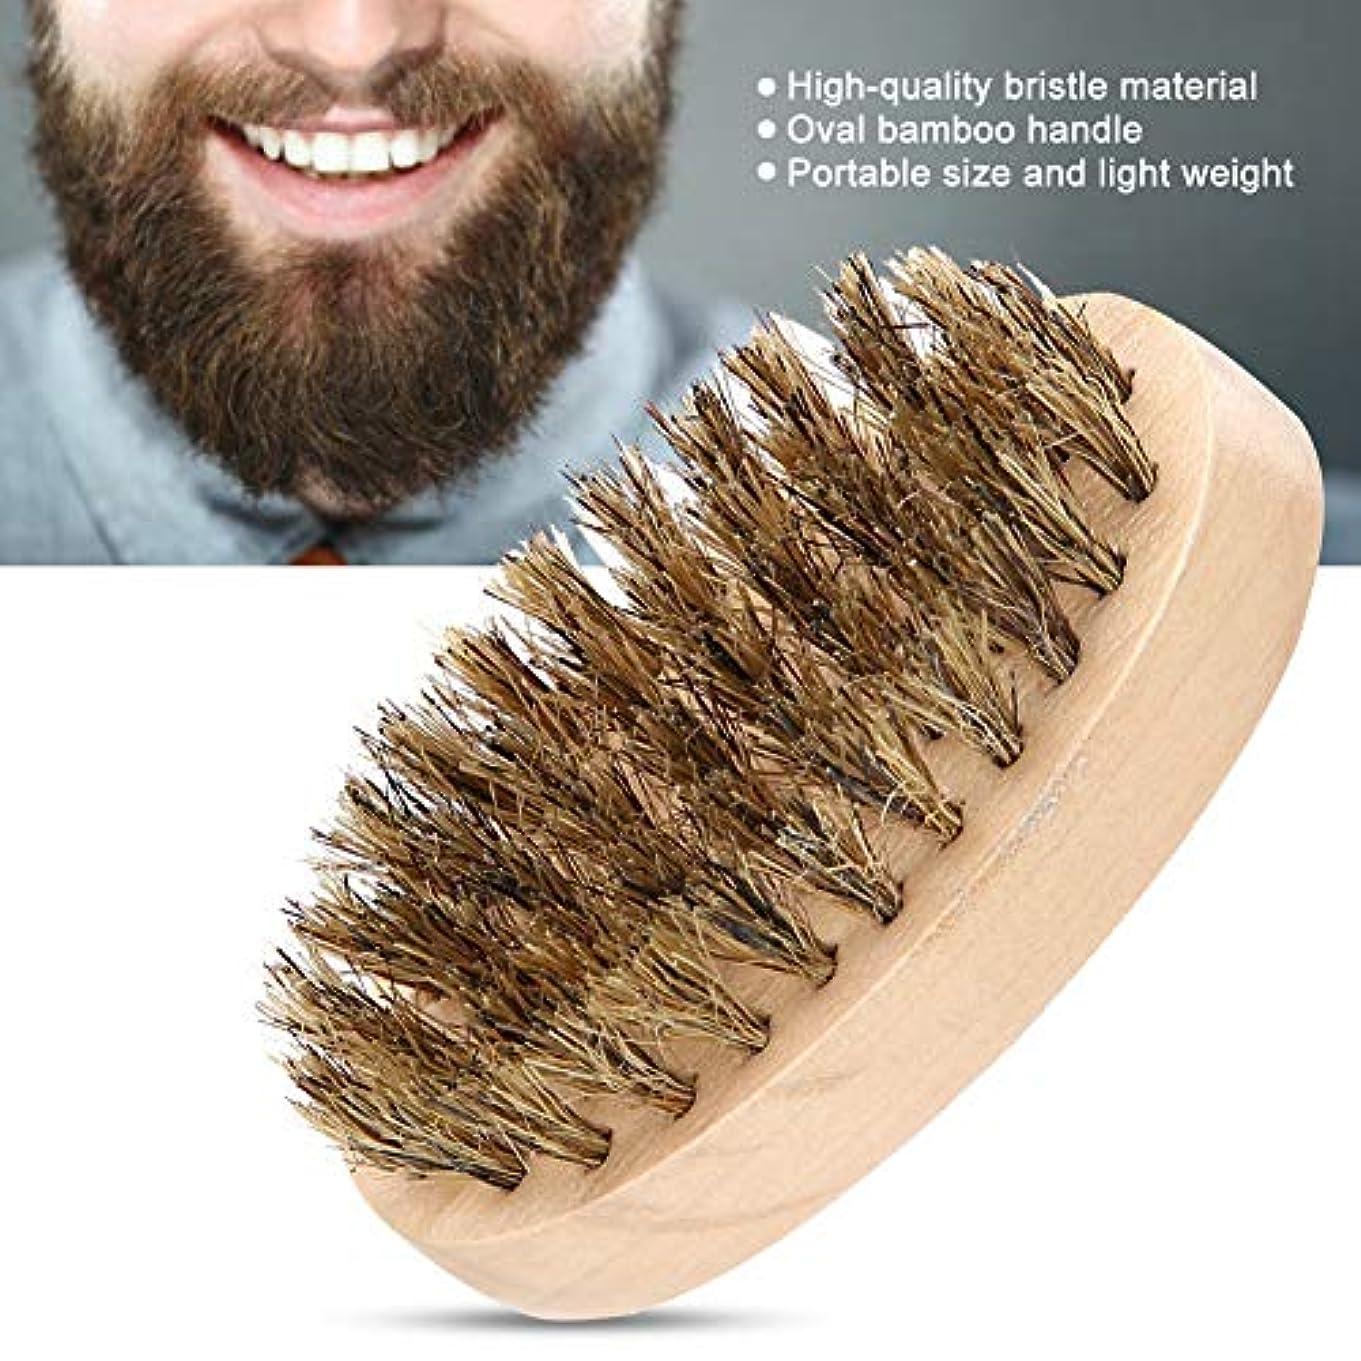 柔らかいひげのブラシ 男性の柔らかい毛のComの櫛の楕円形のタケハンドルのひげの形成用具